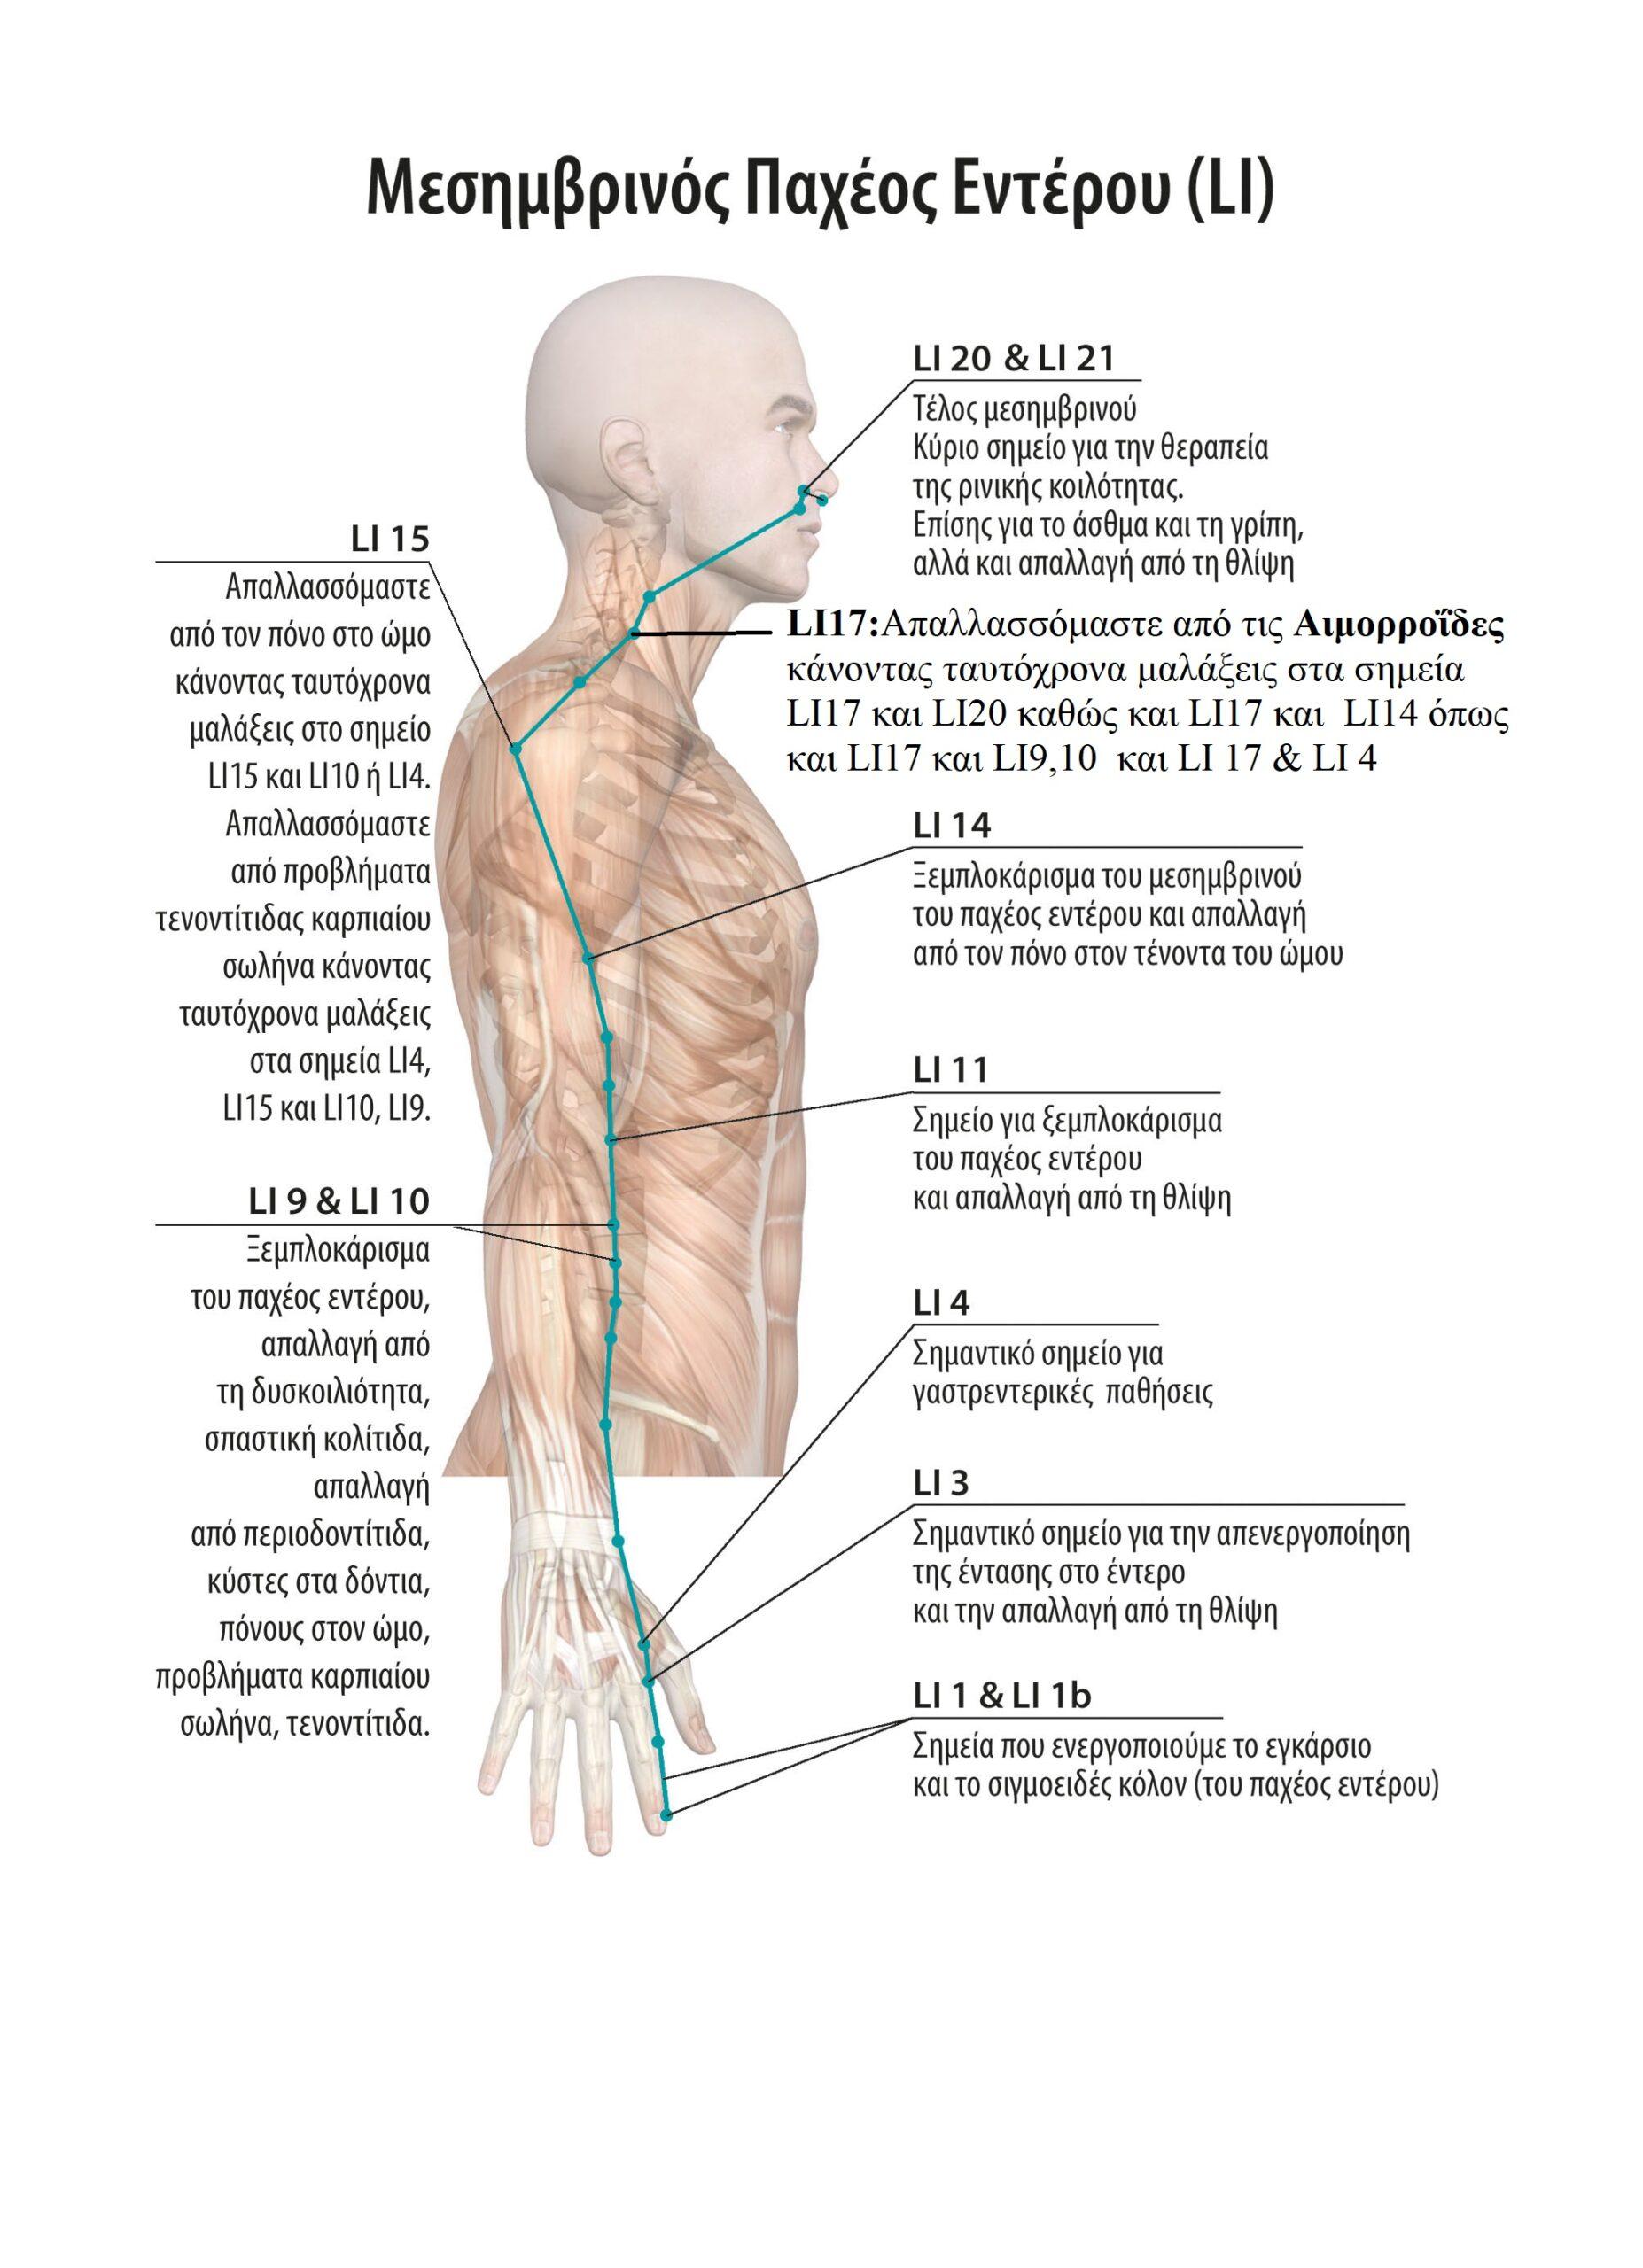 Αυτοθεραπεία από αιμορροΐδες ξεμπλοκάροντας τον μεσημβρινό του παχέος εντέρου 3